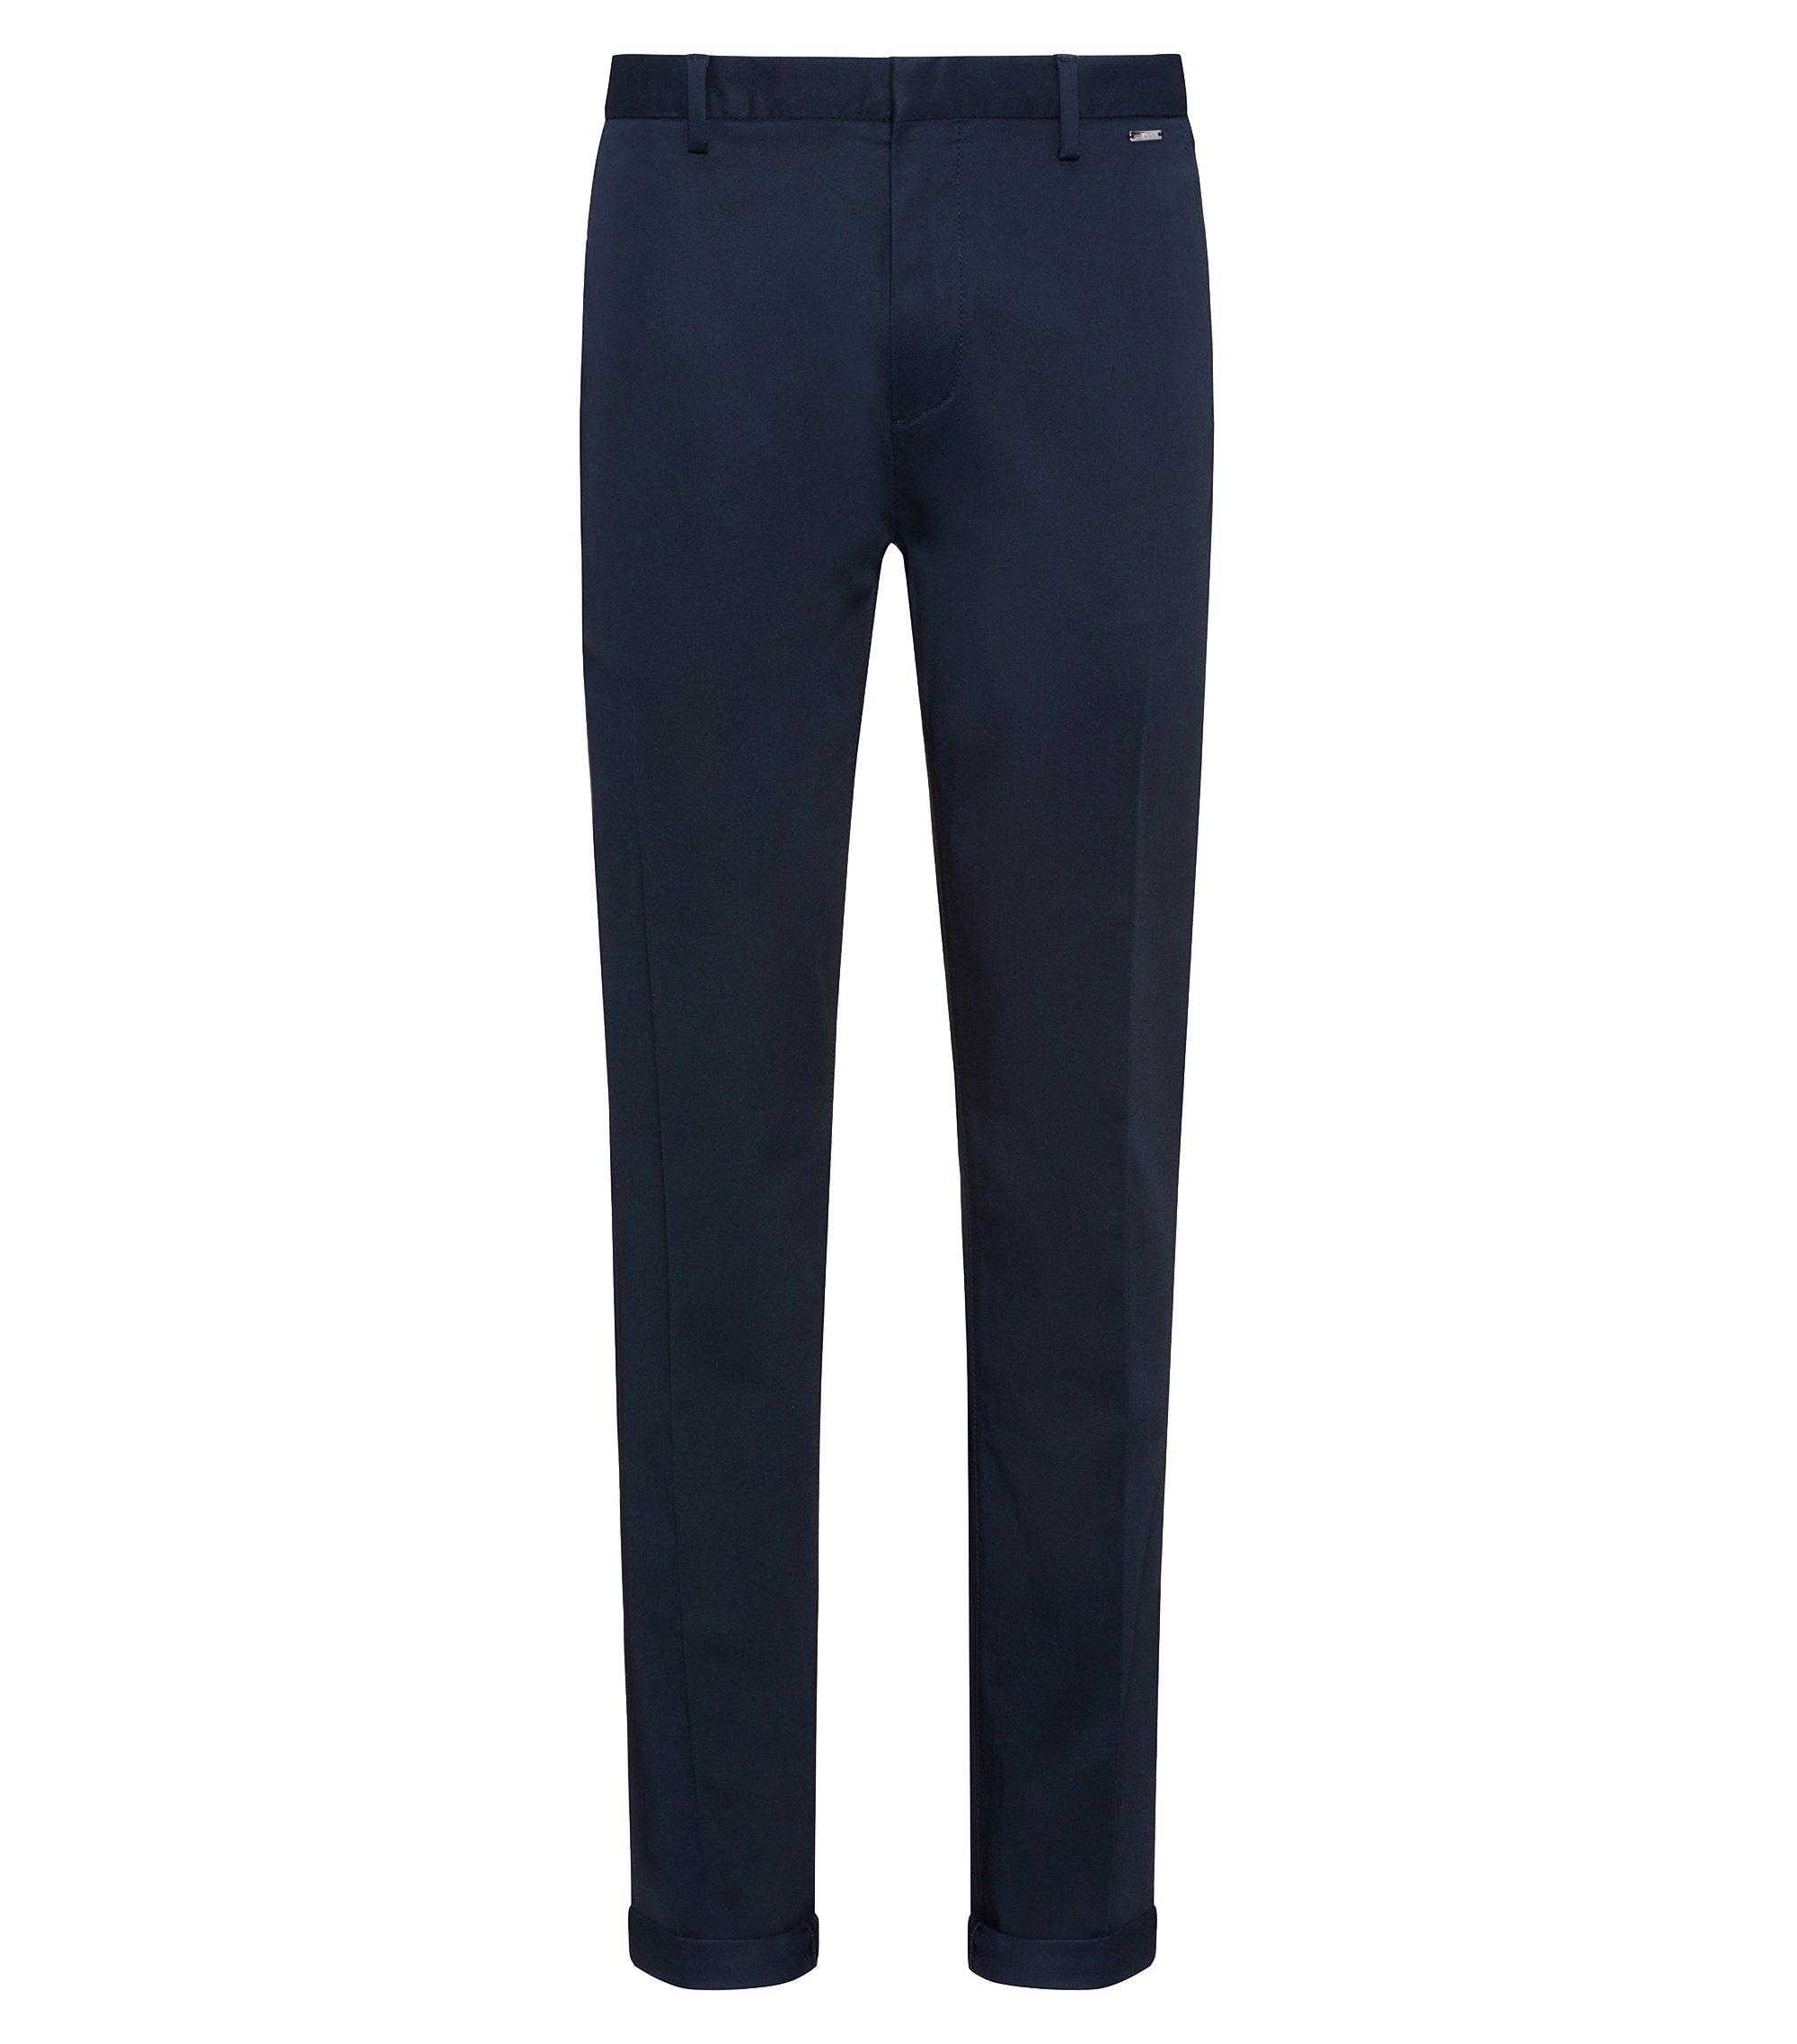 Pantalon Slim Fit léger en gabardine de coton stretch, Bleu foncé